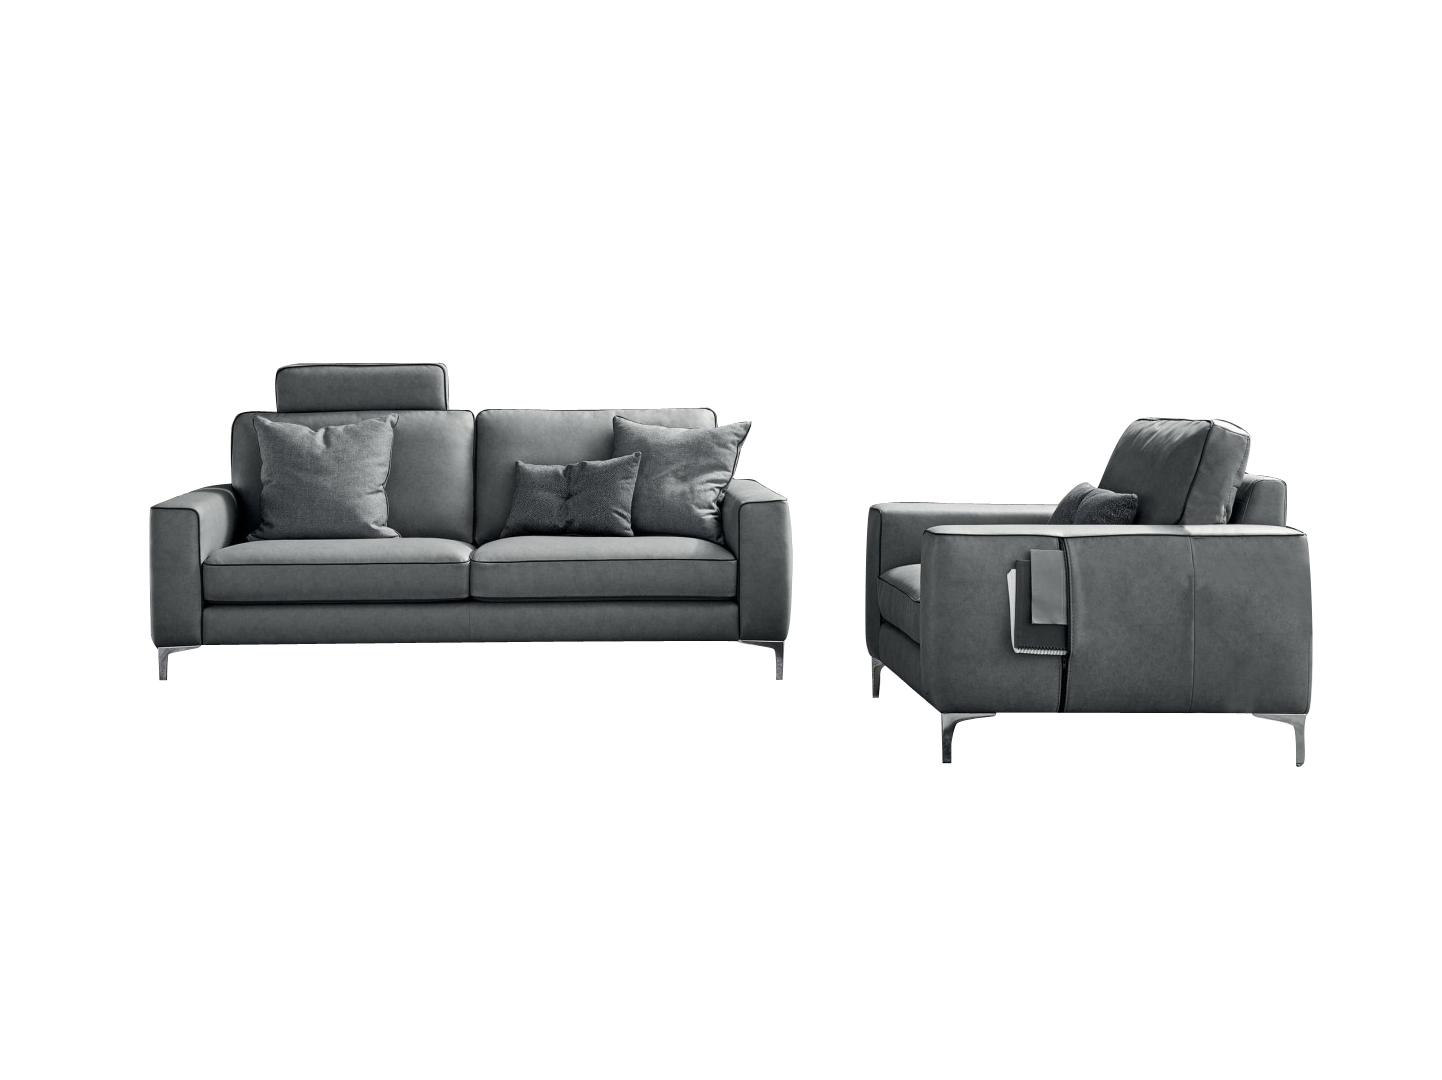 Canapea fixa 3 locuri din piele Russel